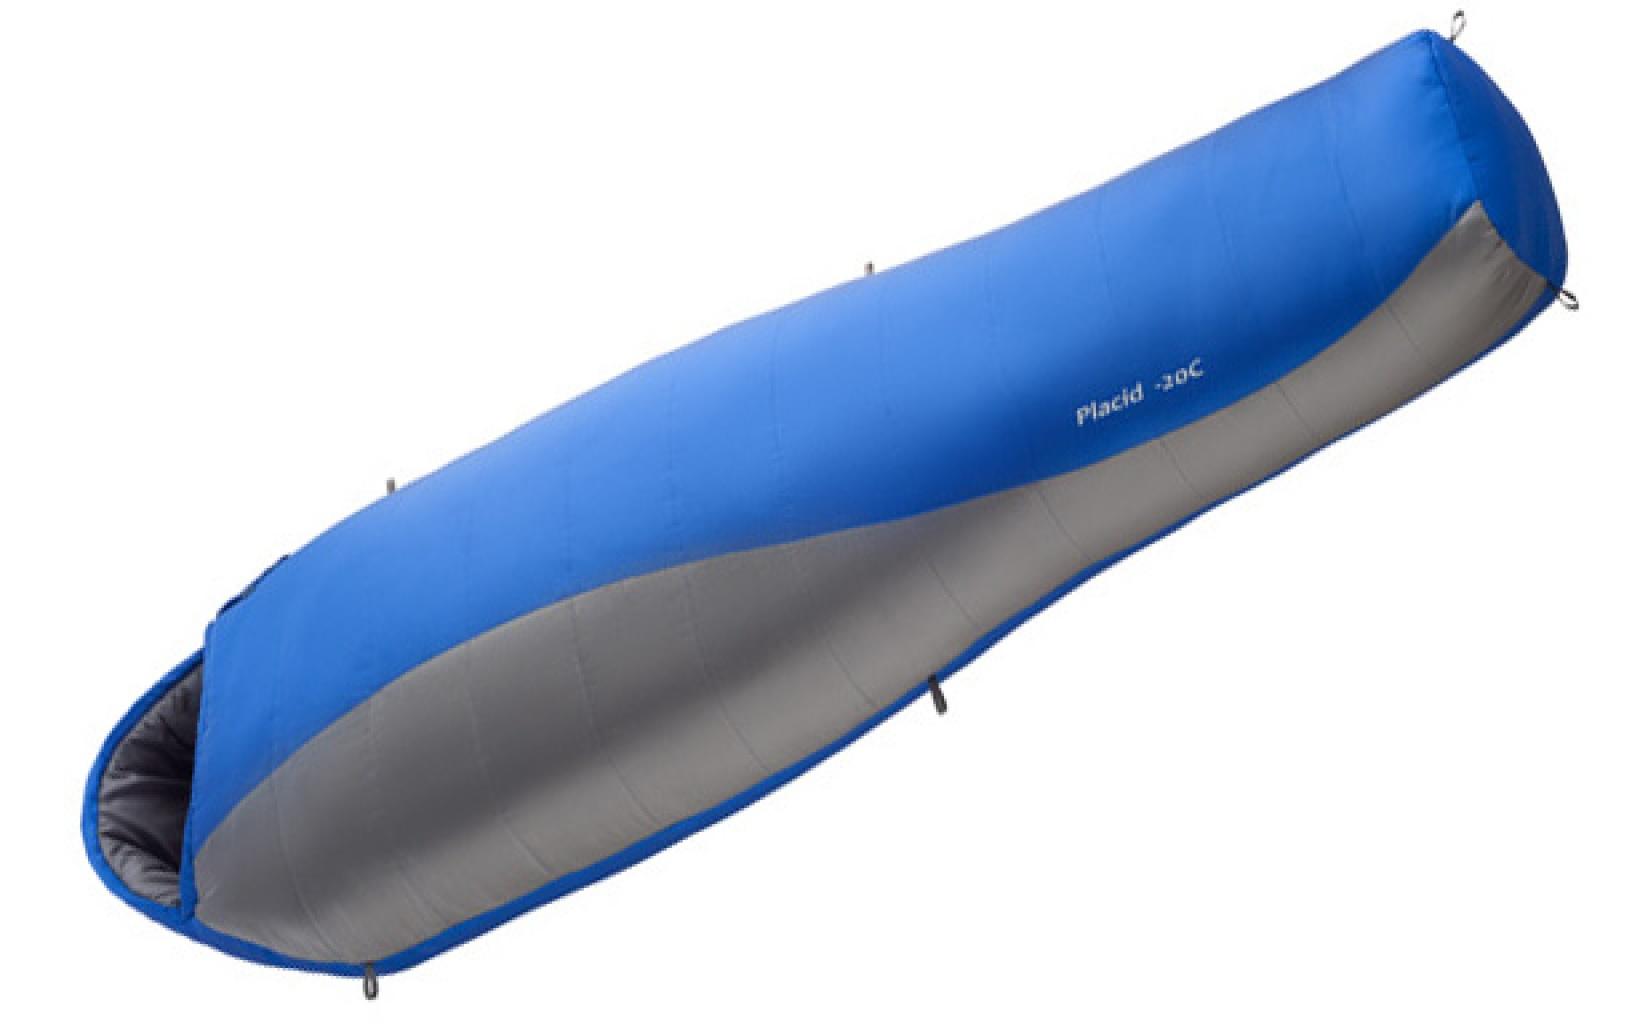 Спальный мешок BASK PLACID  S 3505Небольшой спальный мешок с двумя слоями утеплителя Thermolite&amp;reg; Extra для экстремальных условий. Отлично подойдет большинству женщин, мужчинам до 175 см и подросткам!<br><br>Верхняя ткань: Nylon 30D Diamond Rip stop<br>Вес без упаковки: 1240<br>Вес упаковки: 100<br>Внутренняя ткань: Pongee®<br>Количество слоев утеплителя: 2<br>Назначение: туристический<br>Наличие карманов: Да<br>Наполнитель: синтетический<br>Нижняя температура комфорта °C: 1<br>Подголовник/Капюшон: Да<br>Пол: унисекс<br>Размер в упакованном виде (диаметр х длина): 21х45<br>Размеры наружные (внутренние): 198x175x80x54<br>Система расположения слоев утеплителя или пуховых пакетов: продольная<br>Температура комфорта °C: 6<br>Тесьма вдоль планки: Да<br>Тип молнии: двухзамковая-разъёмная<br>Тип утеплителя: синтетический<br>Утеплитель: Thermolite Extra (Dupont)<br>Утепляющая планка: Да<br>Форма: кокон<br>Шейный пакет: Да<br>Экстремальная температура °C: -14<br>Размер RU: R<br>Цвет: СИНИЙ